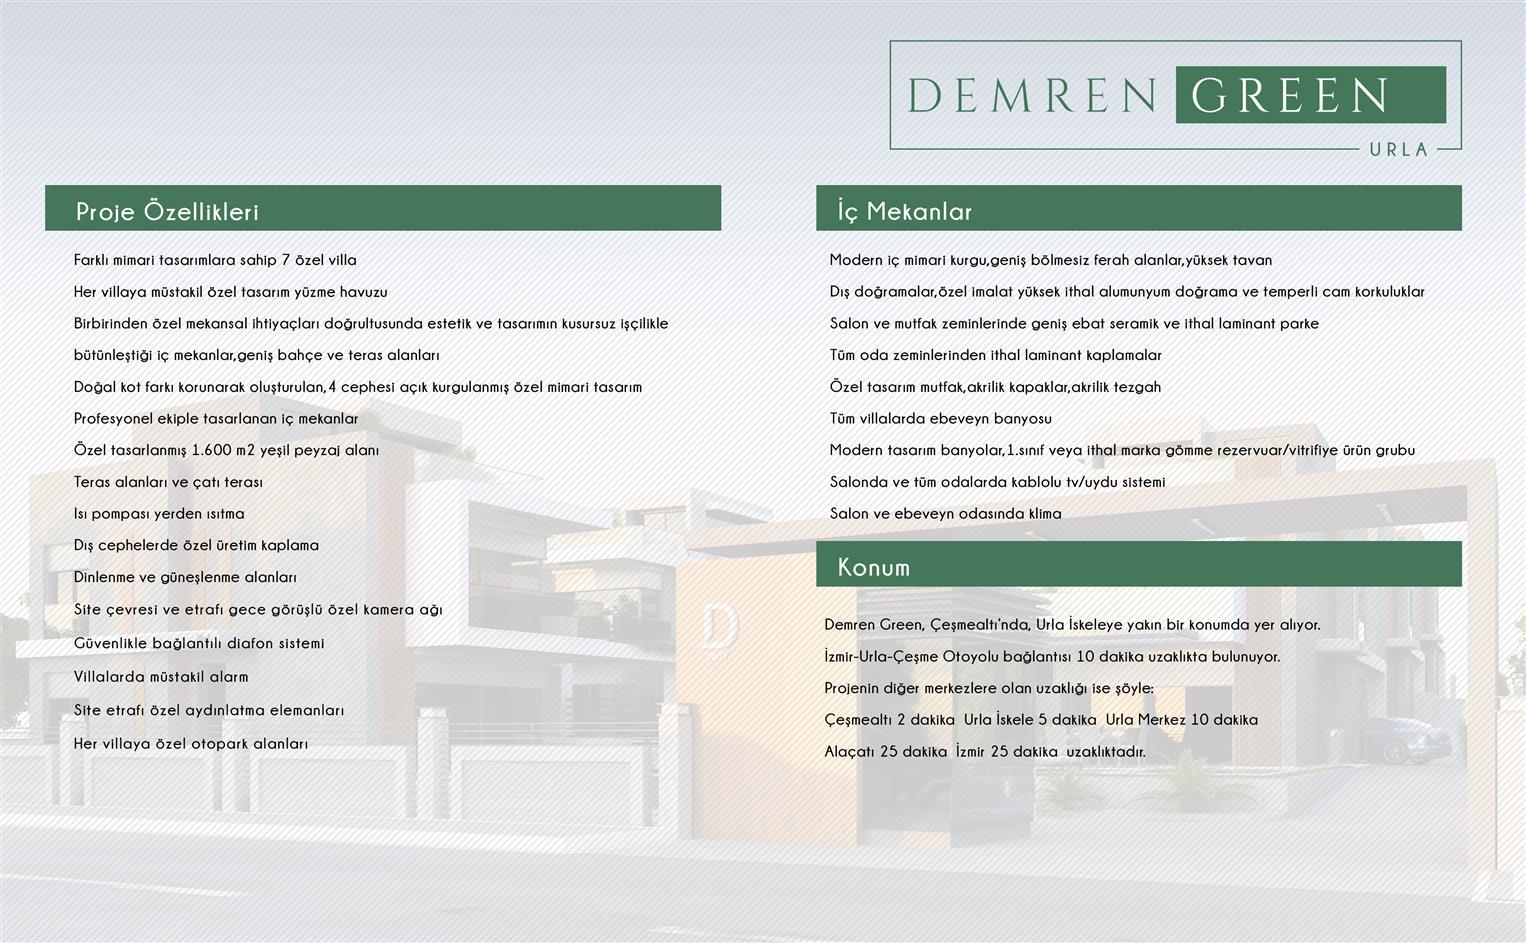 demren-green2016101514160195.jpg Demren İnşaat Proje